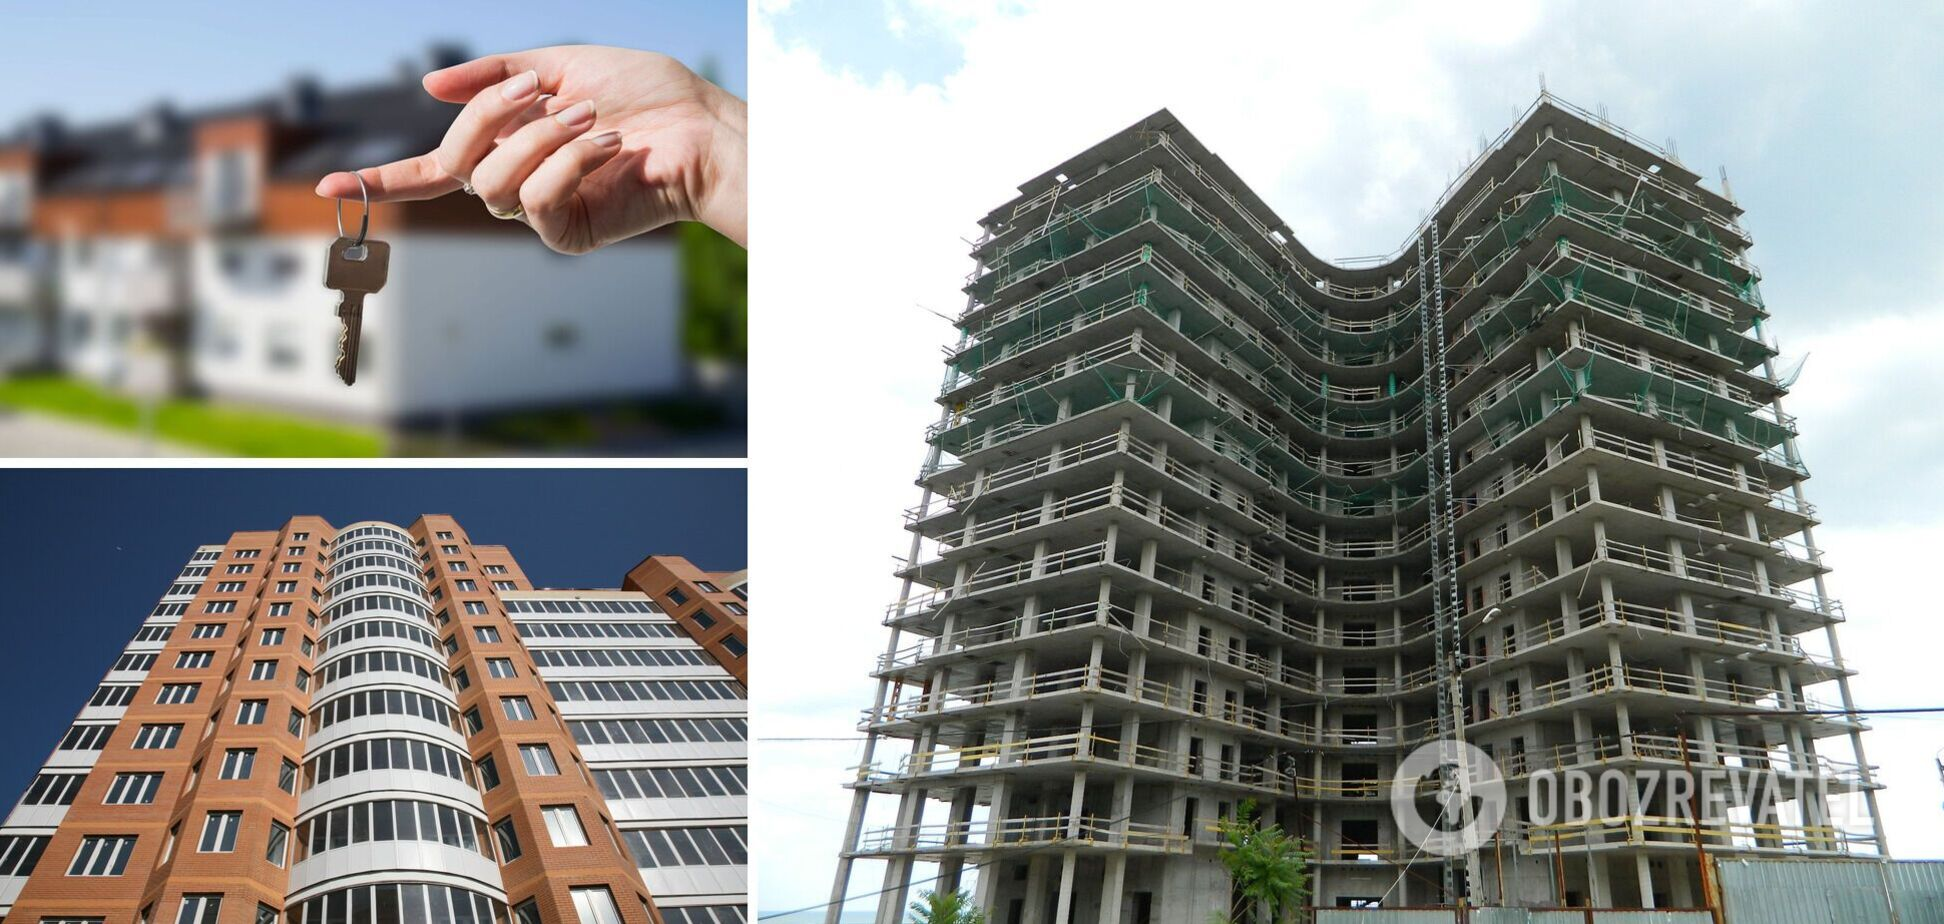 Украинцы покупают квартиры, но ждут их годами: как не вложить деньги в долгострой